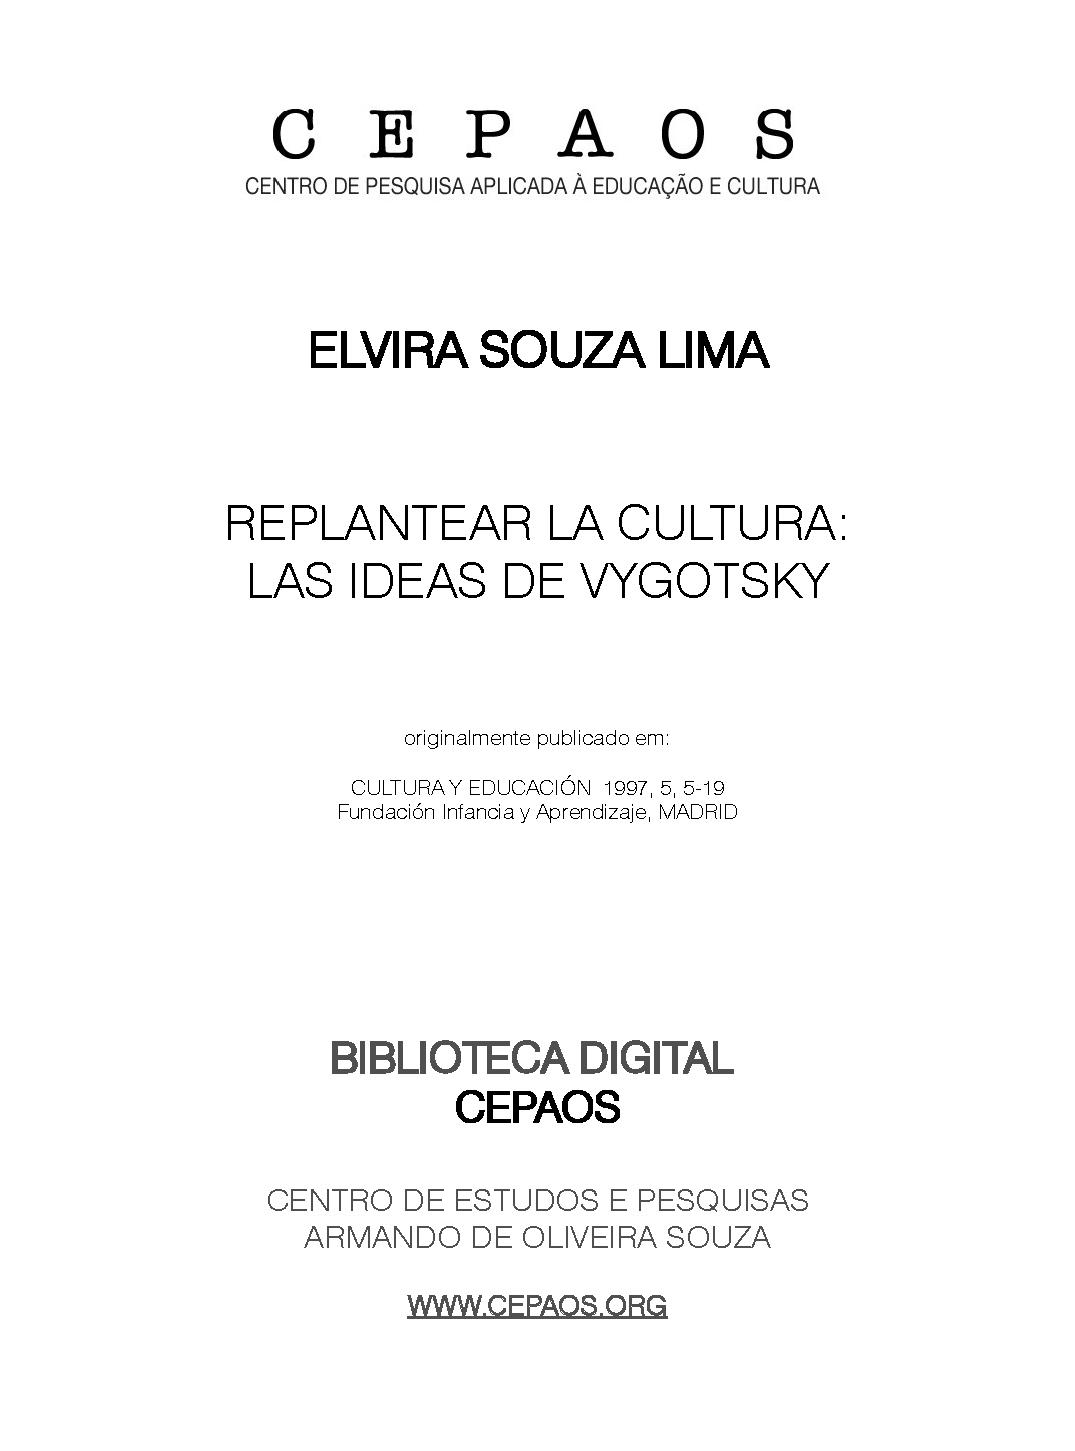 Elvira Souza Lima - Replantear la cultura: las ideas de Vygotsky